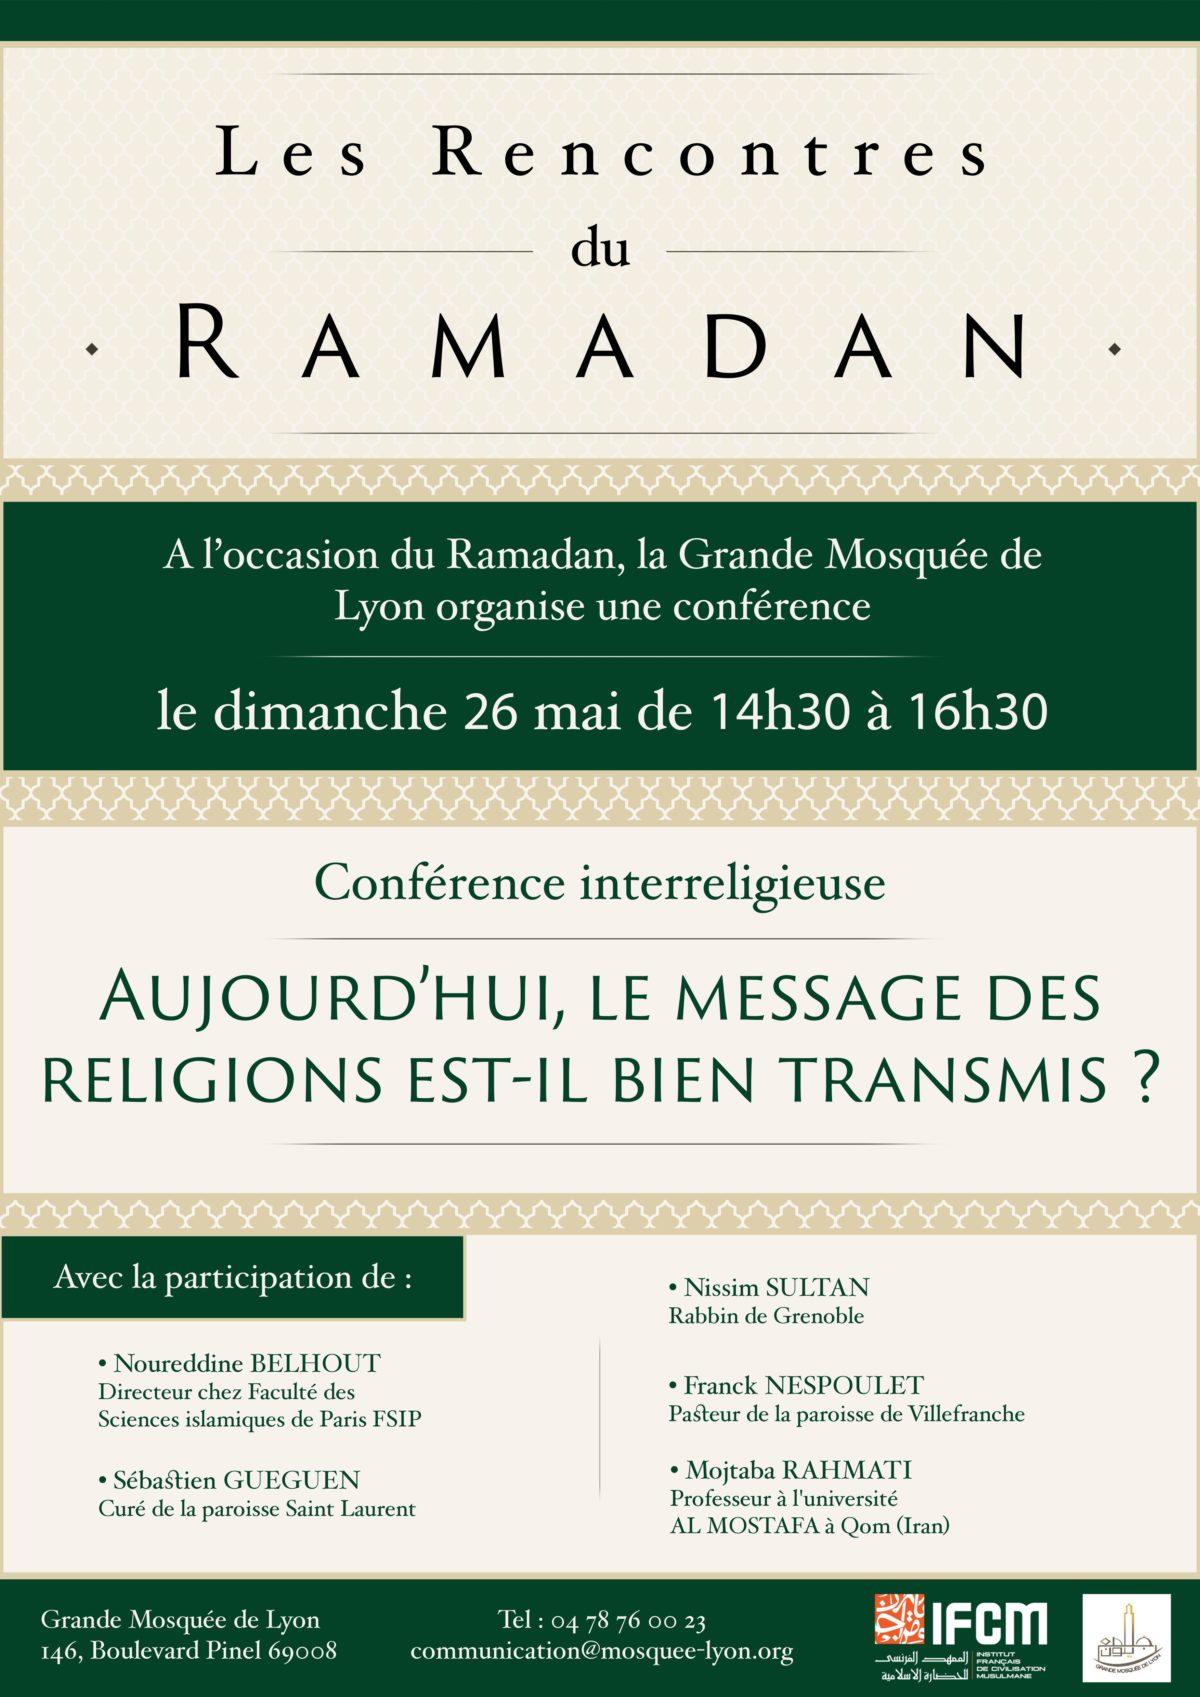 Aujourd'hui, le message des religions est-il bien transmit ?